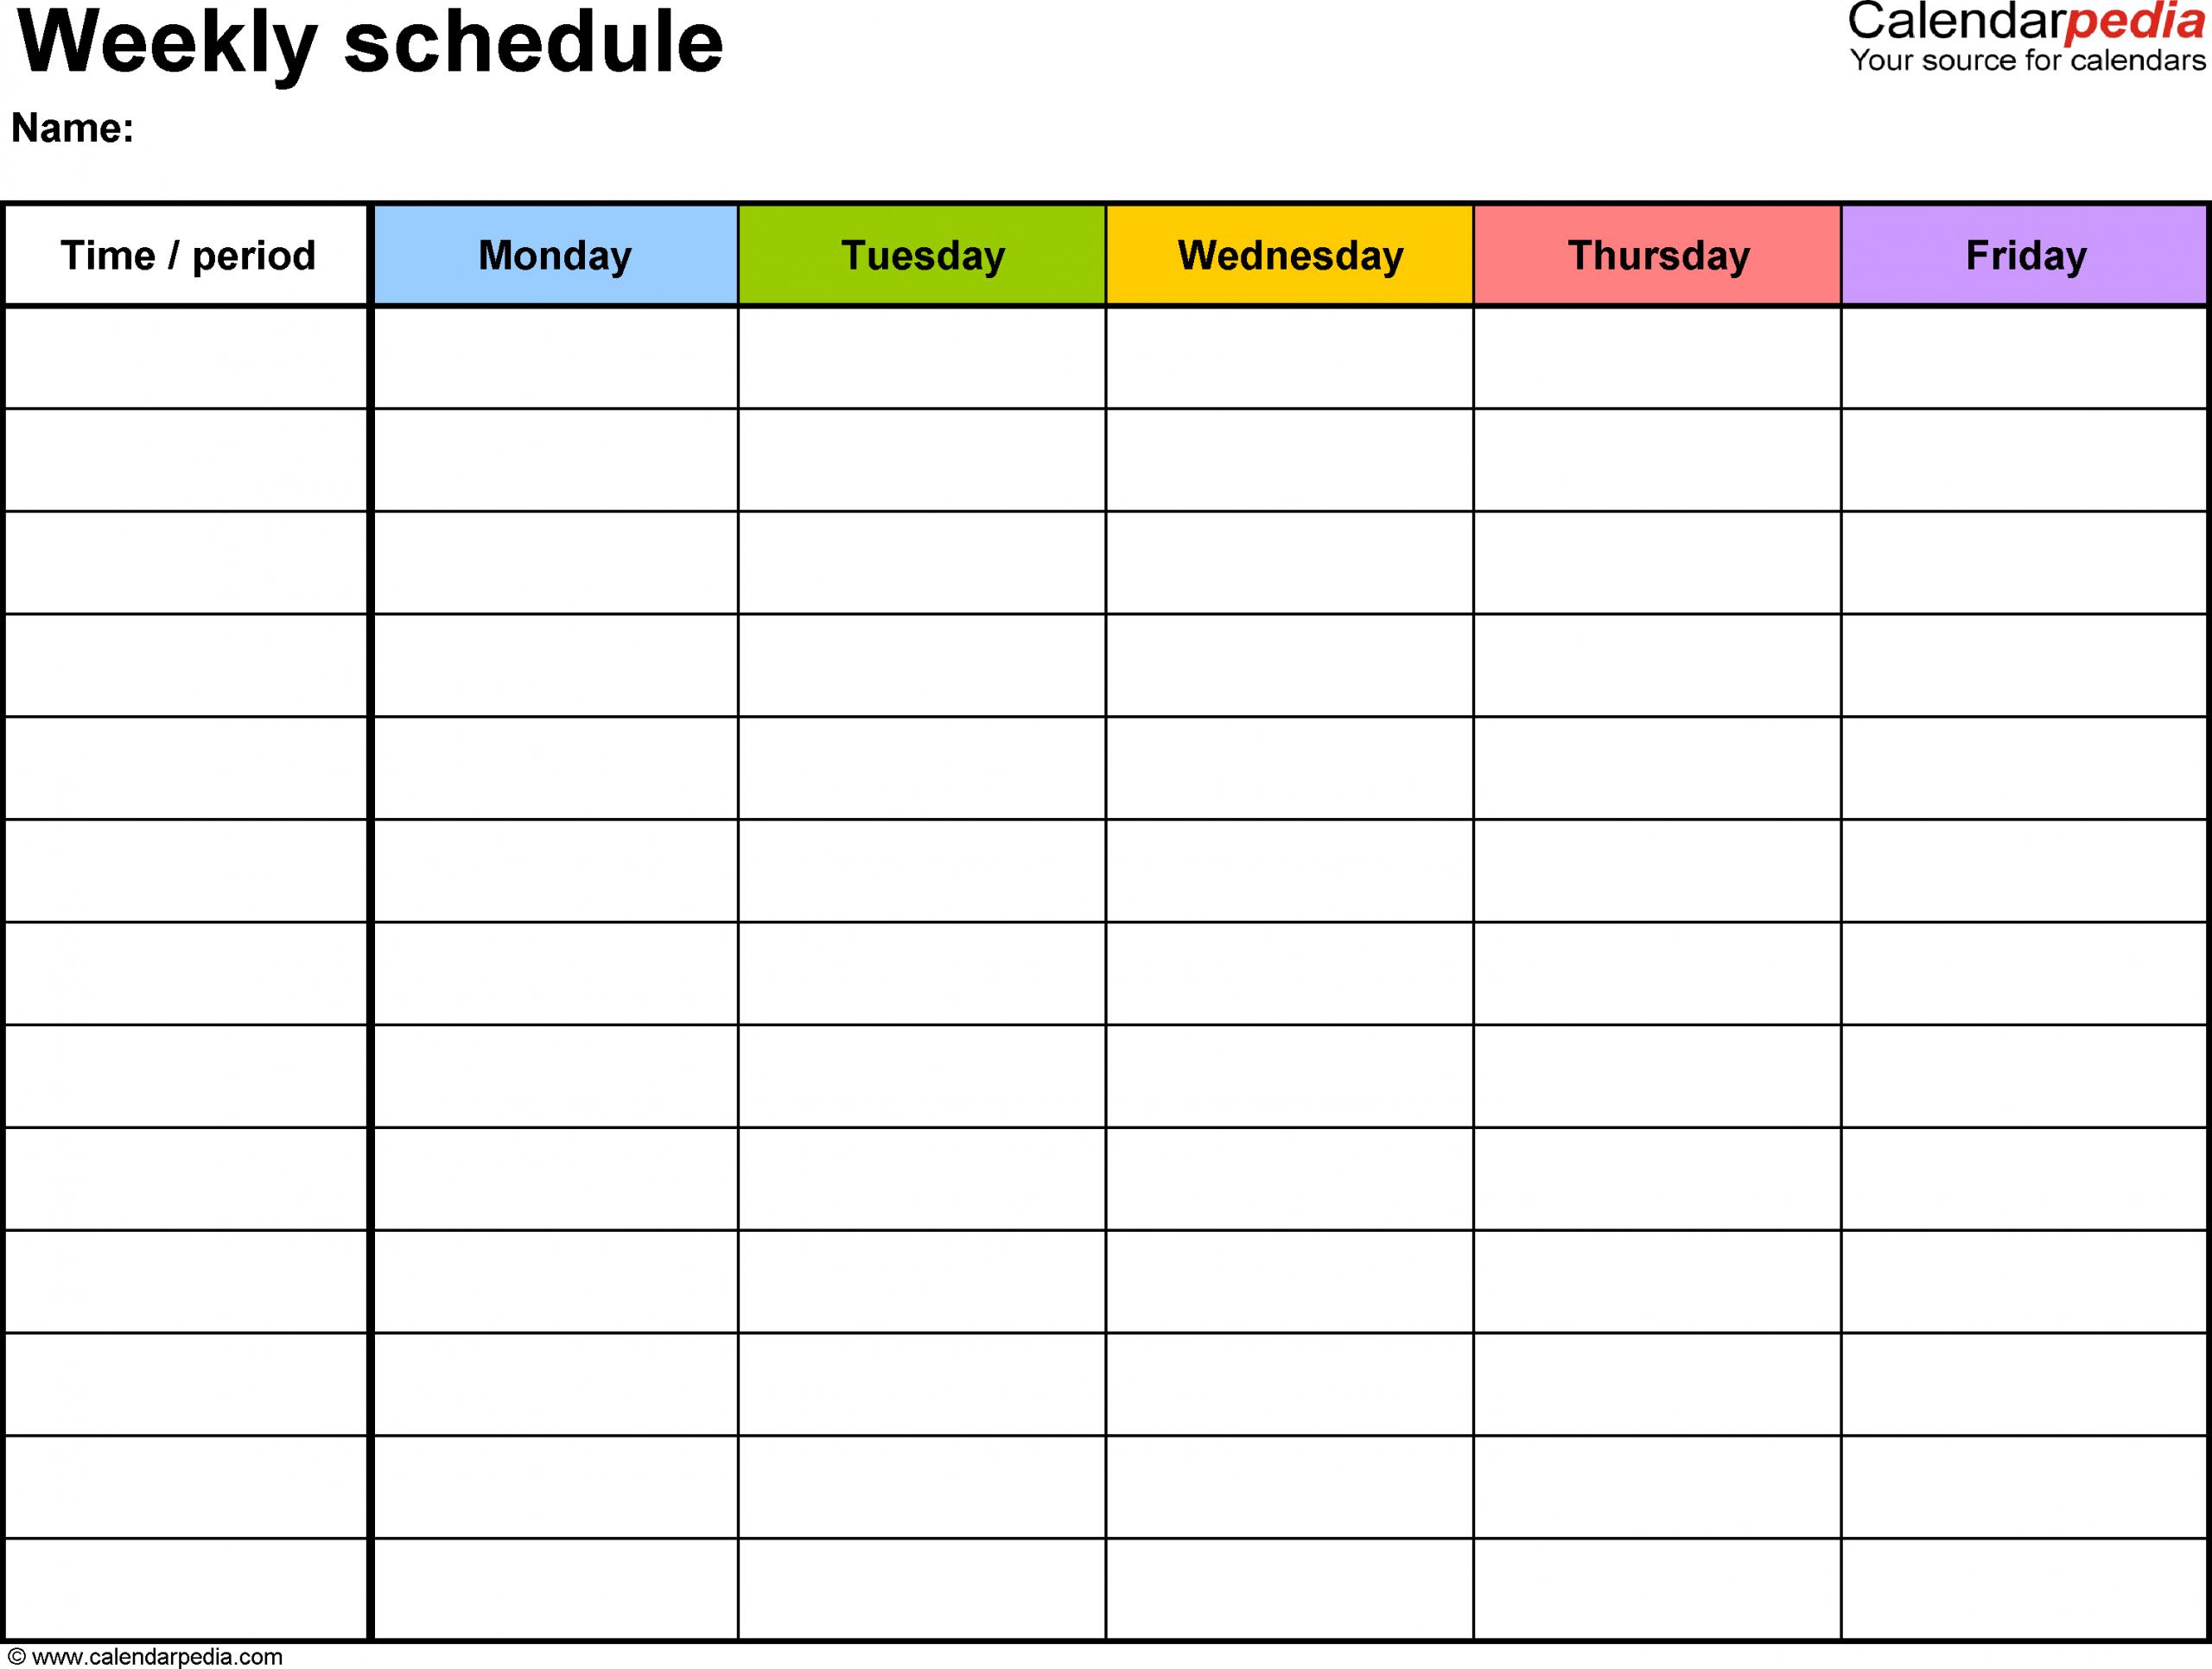 Free Printable Calendar Monday Through Friday | Calendar Monday Friday Calandar With Lines Printable